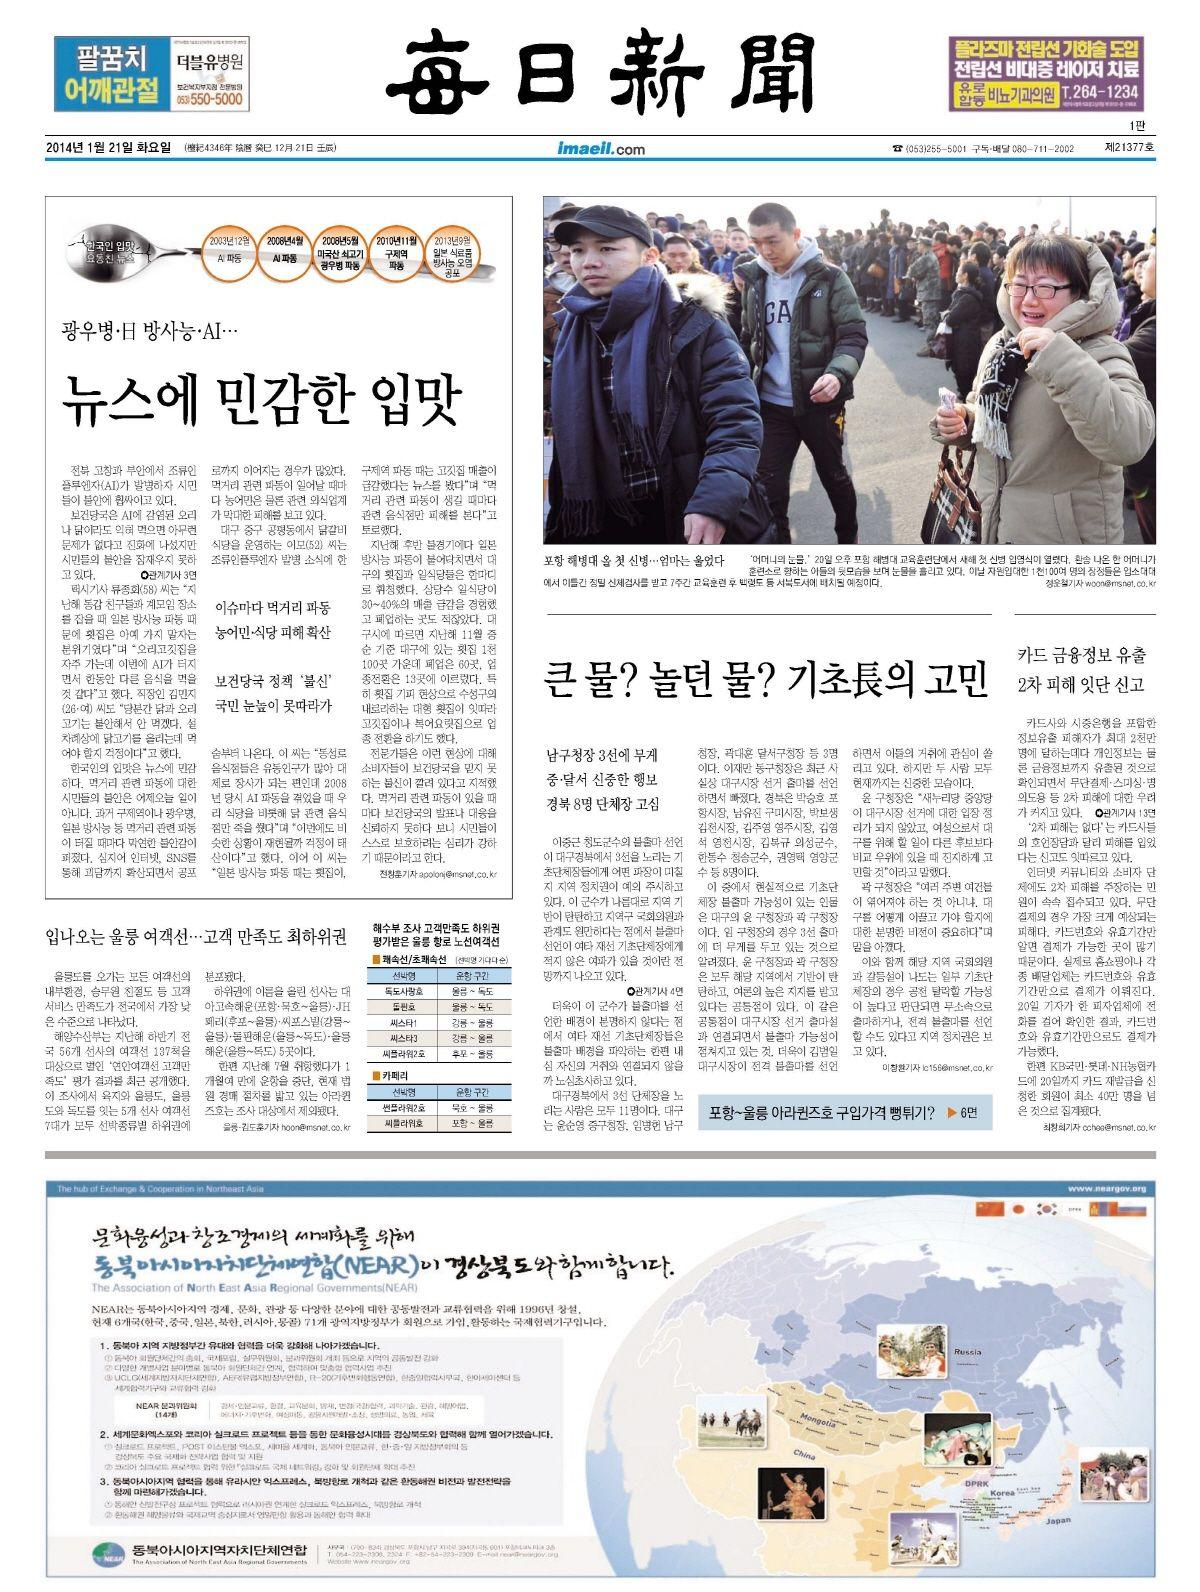 2014년 1월 21일 화요일 매일신문 1면